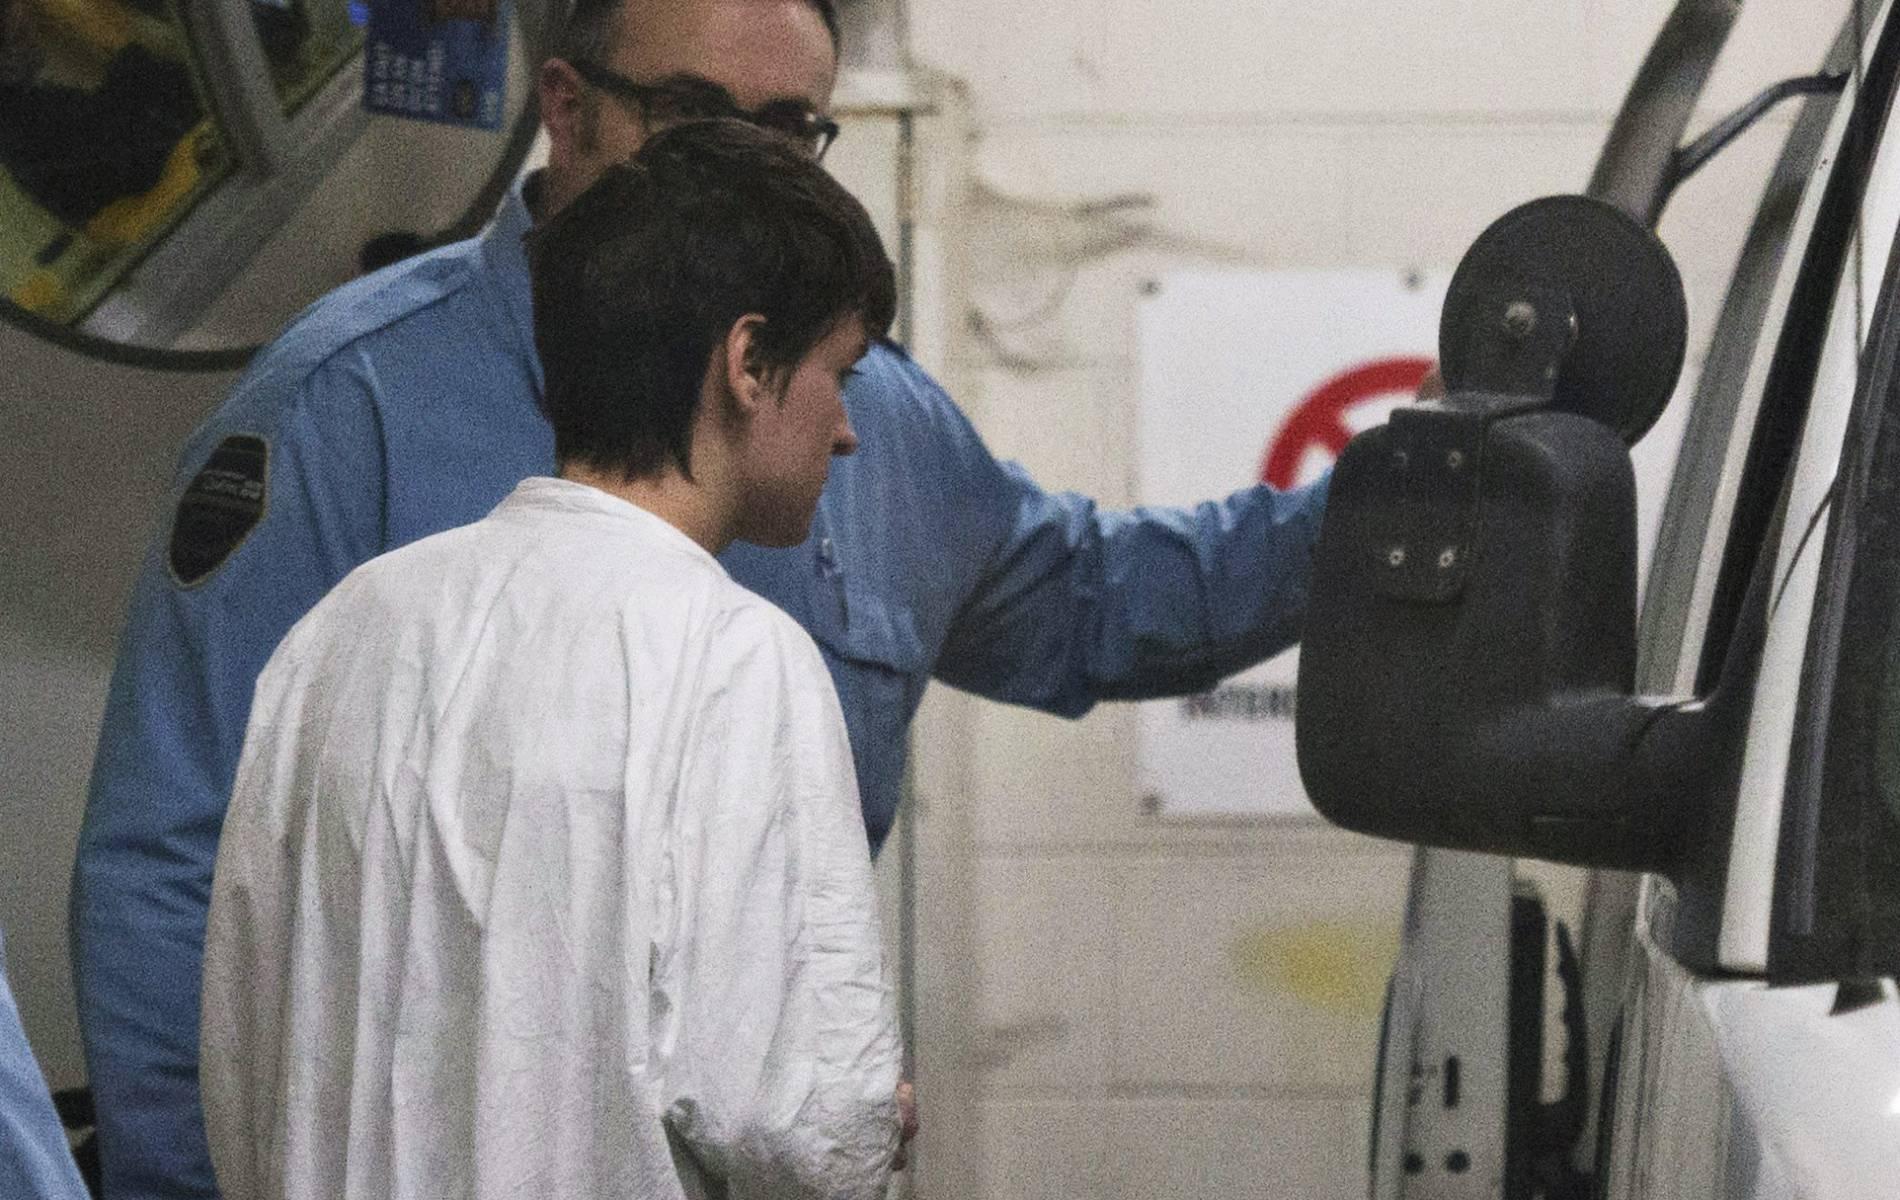 Mosque Shooting: Quebec Mosque Shooter Alexandre Bissonnette's Classmates